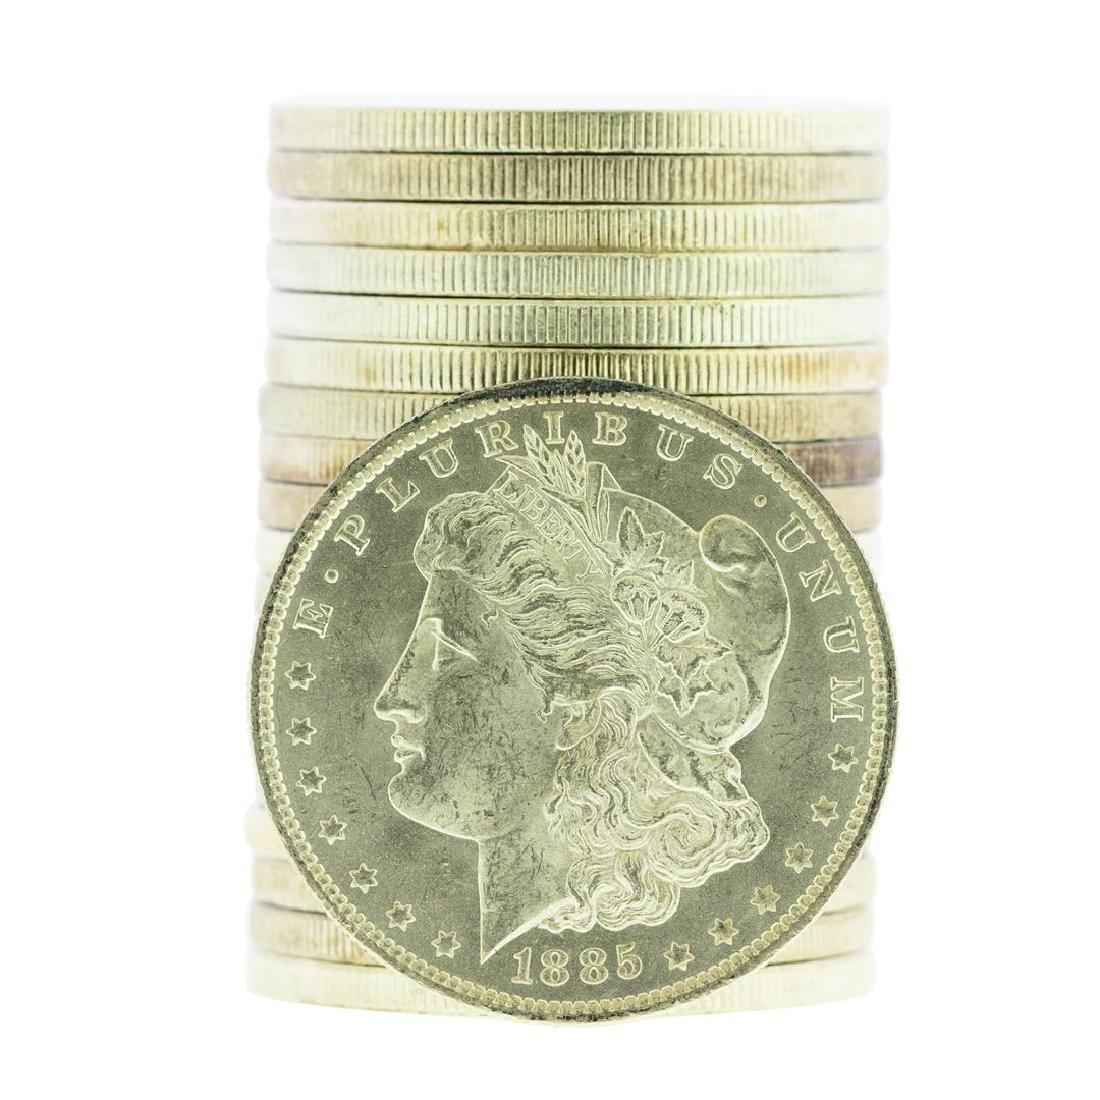 Roll of (20) 1885-O $1 Brilliant Uncirculated Morgan